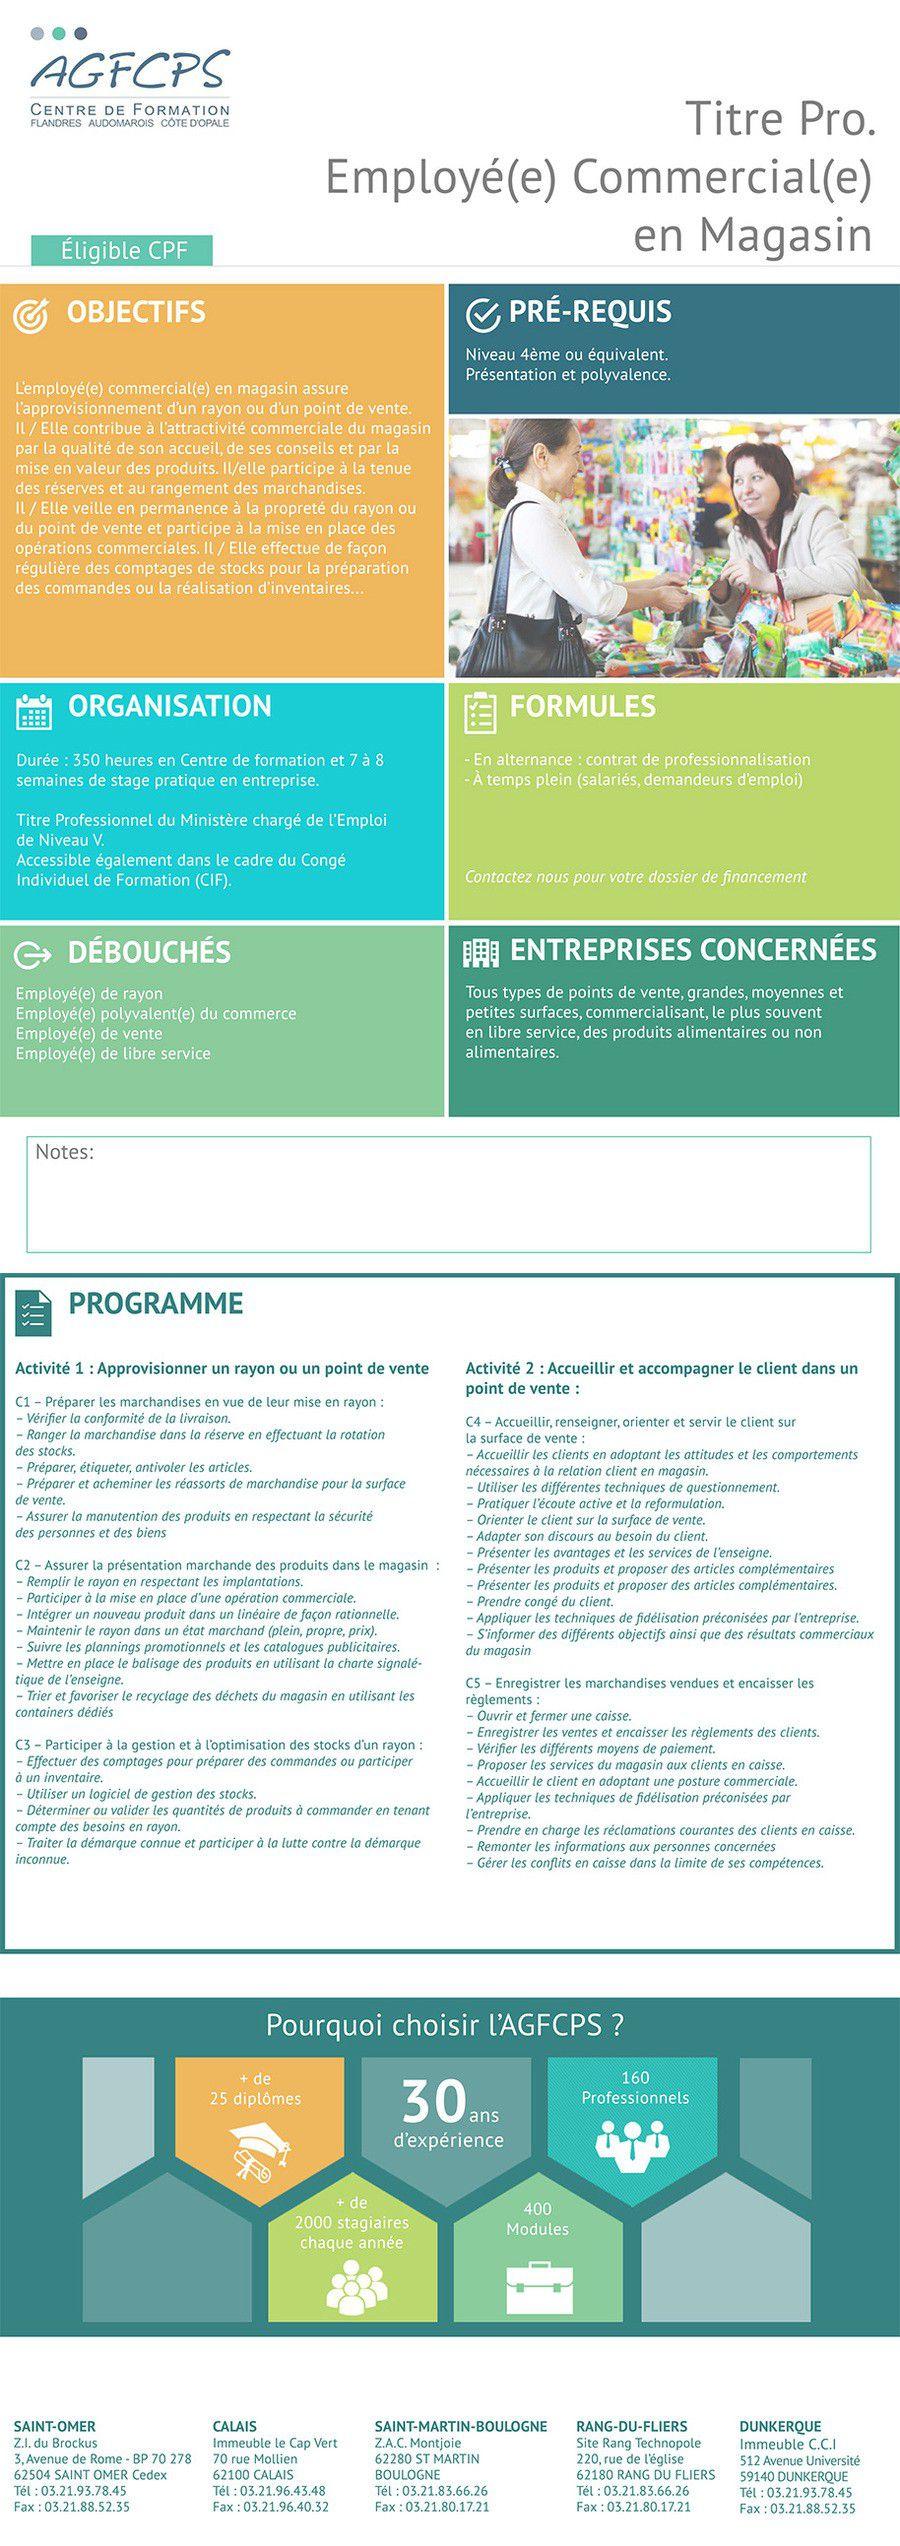 Titre Pro. Employé(e) Commercial(e) en Magasin